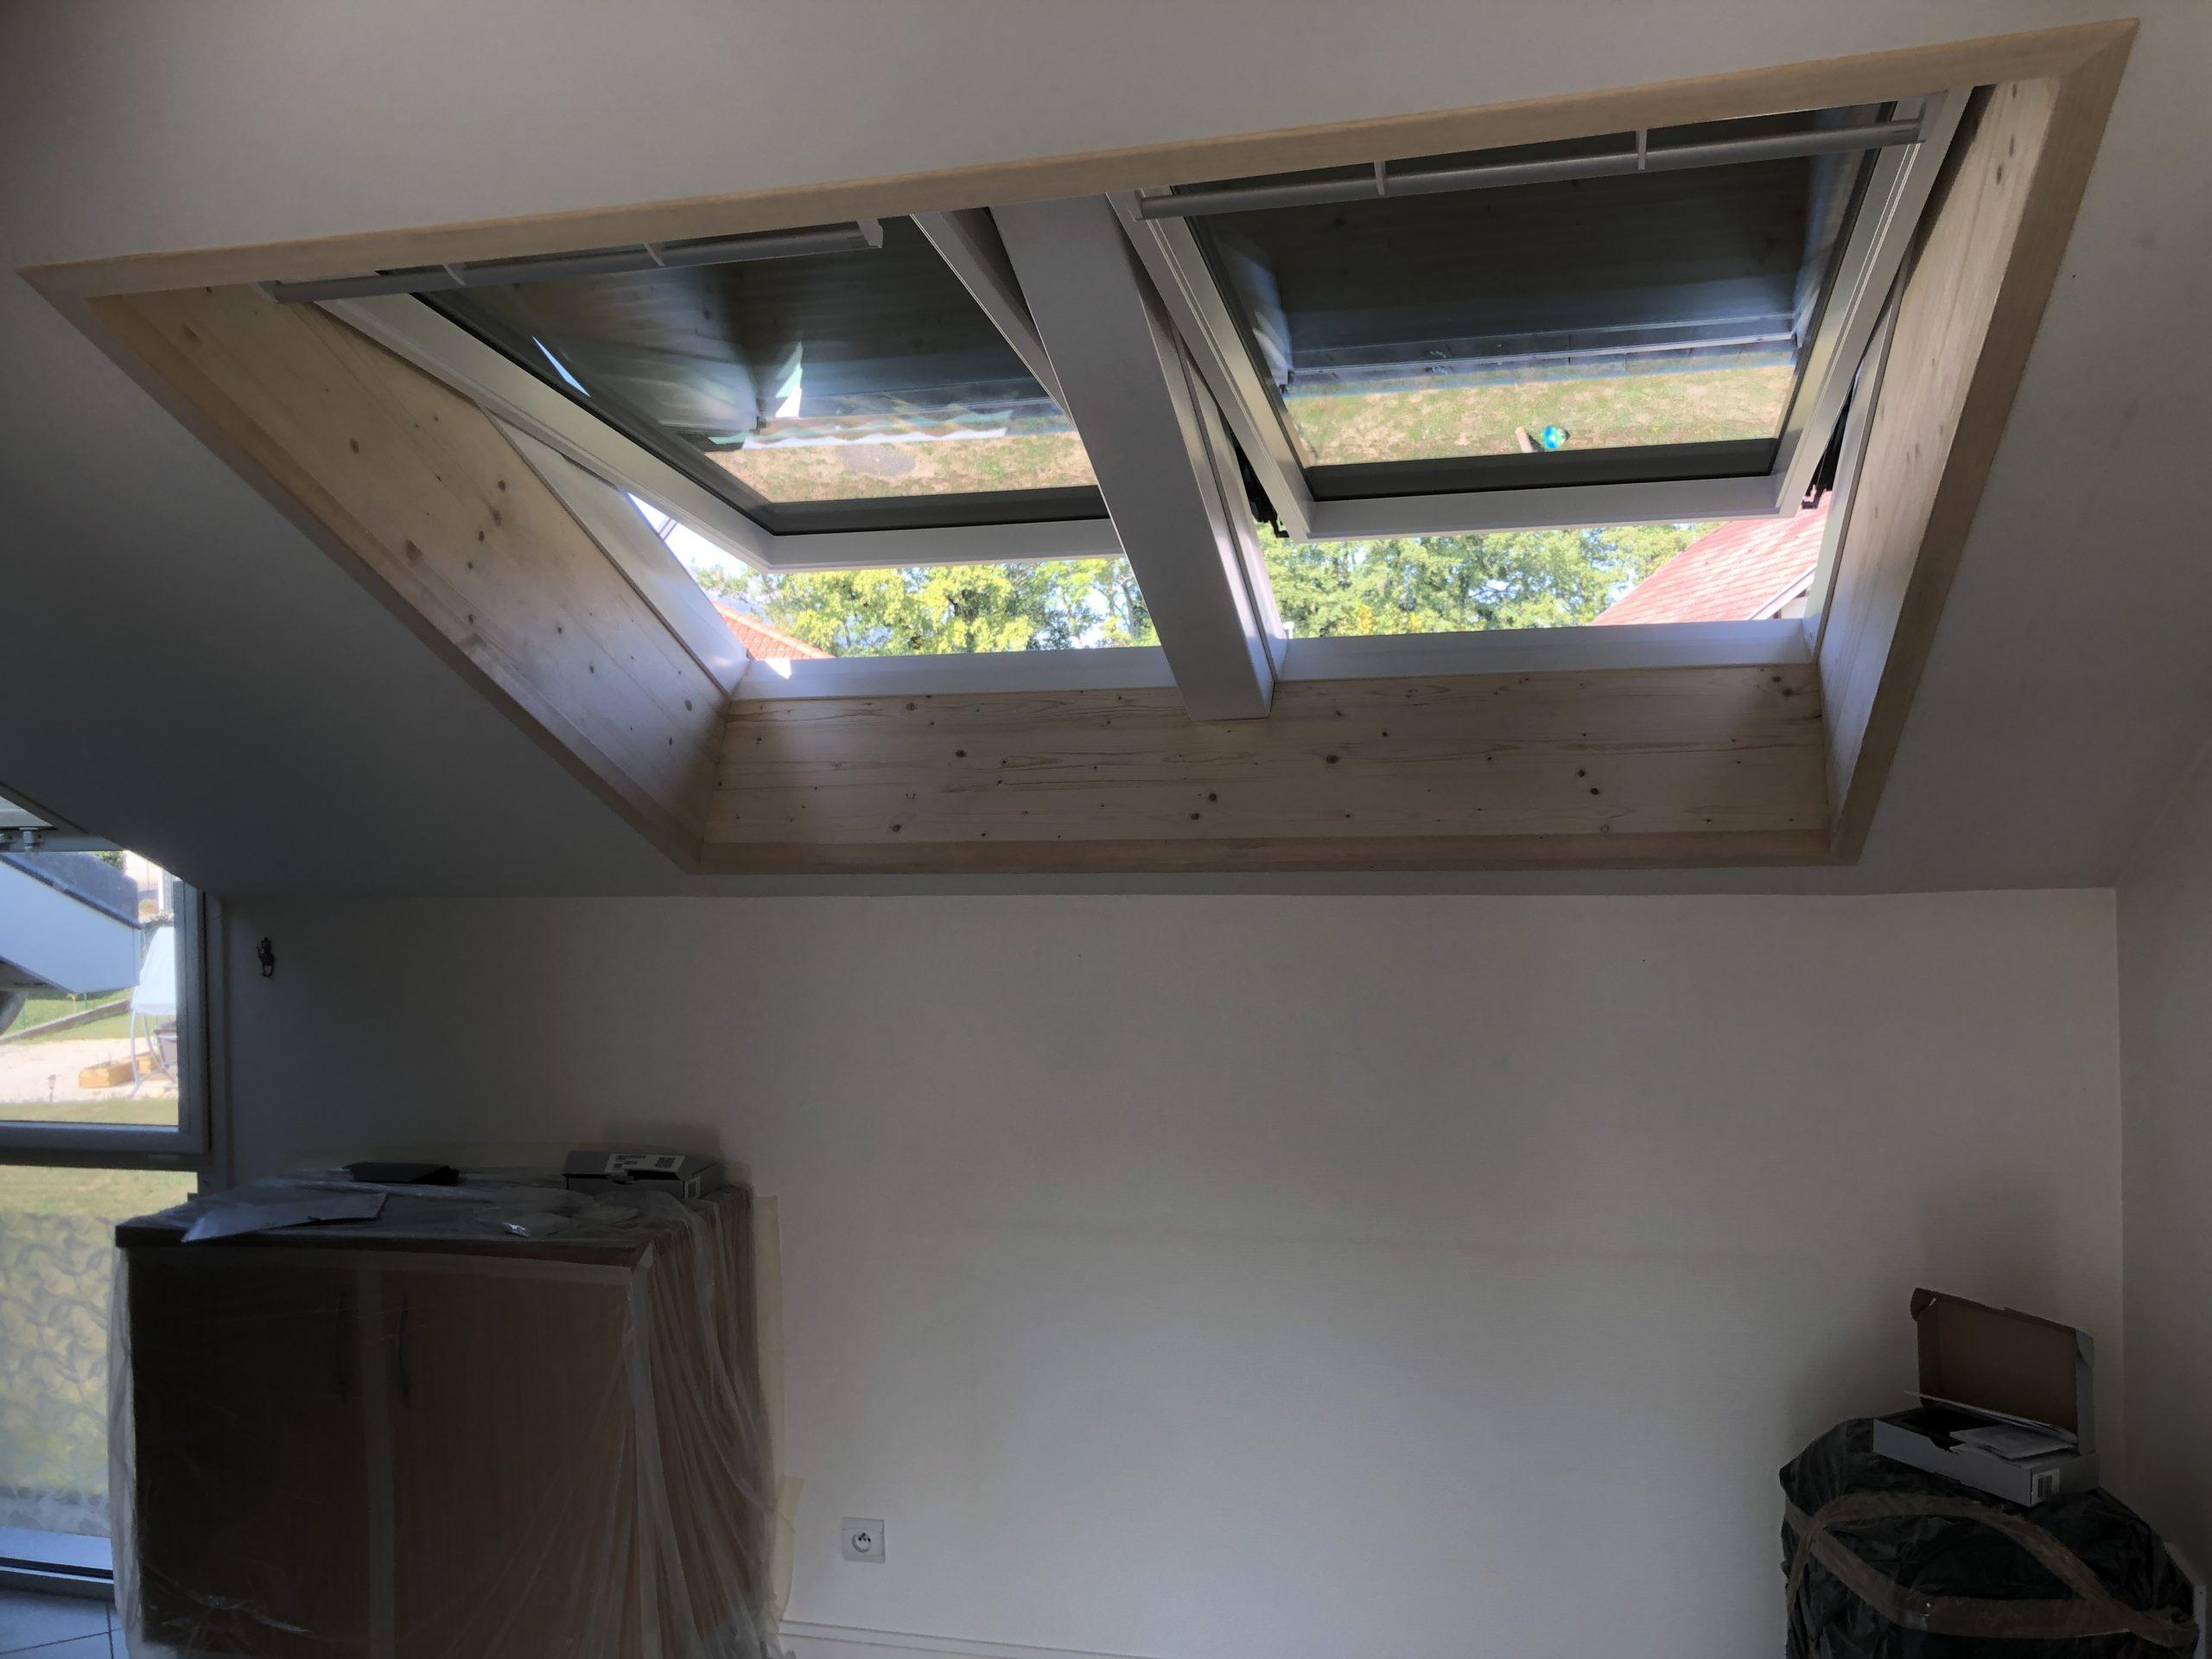 Création d'une verrière et pose de fenêtres de toit VELUX à Thoiry